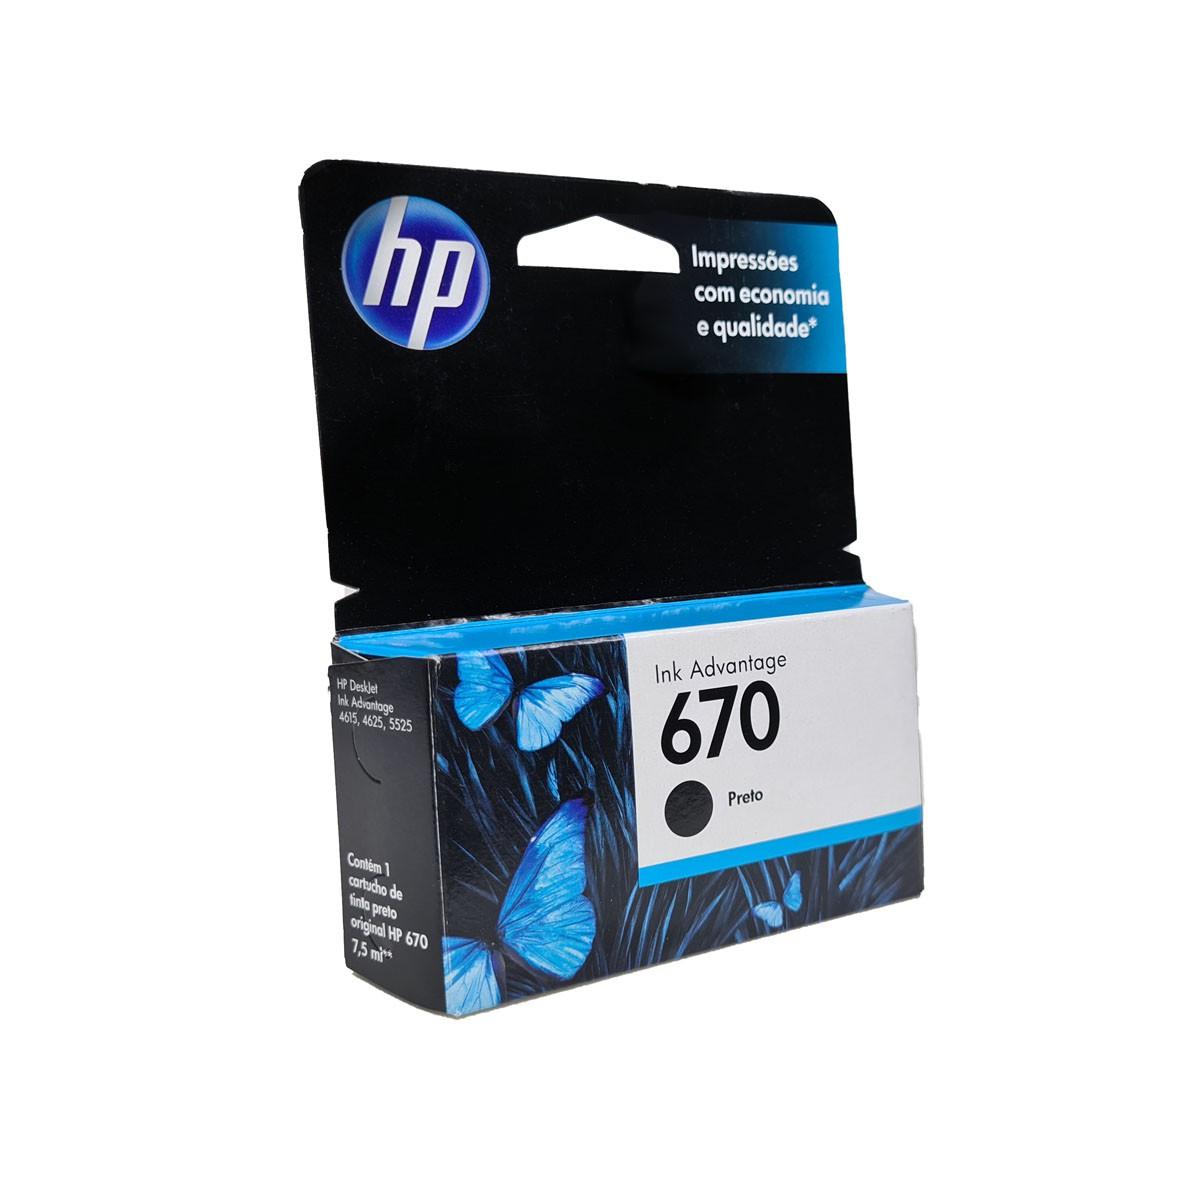 Cartucho HP 670 CZ113AB 7.5ml Preto para 3525 4615 4625 5525